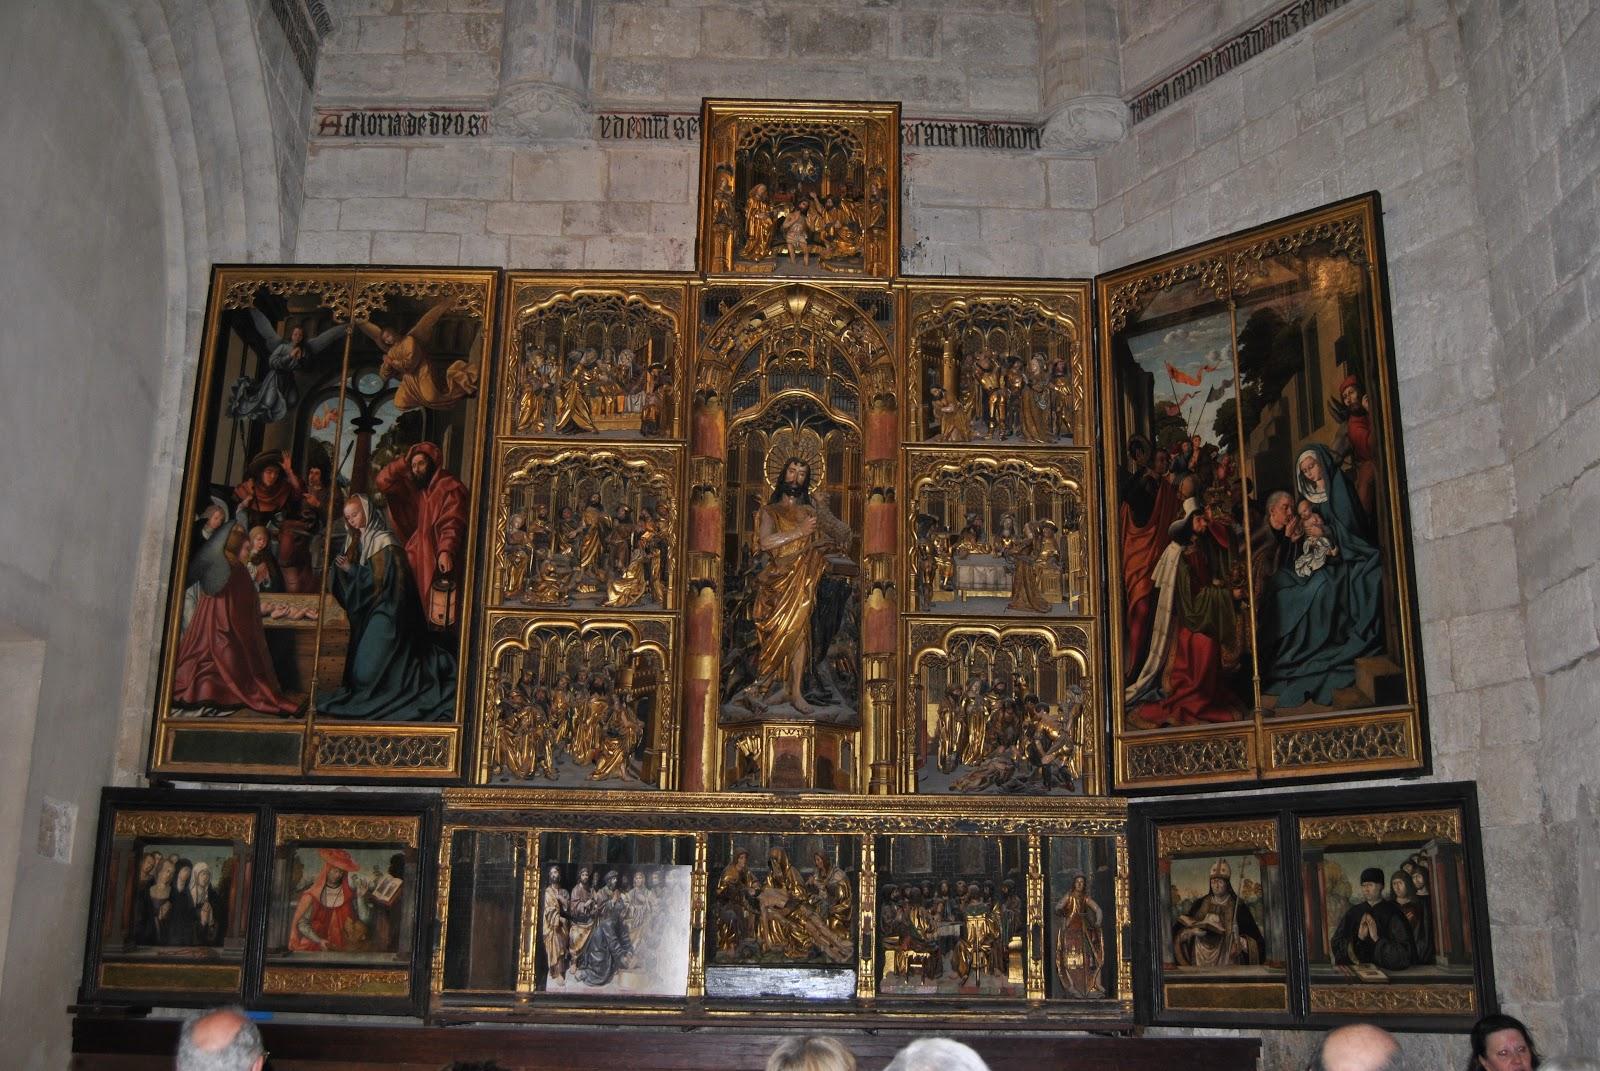 Arte en valladolid un retablo flamenco en valladolid el - Trasdos valladolid ...